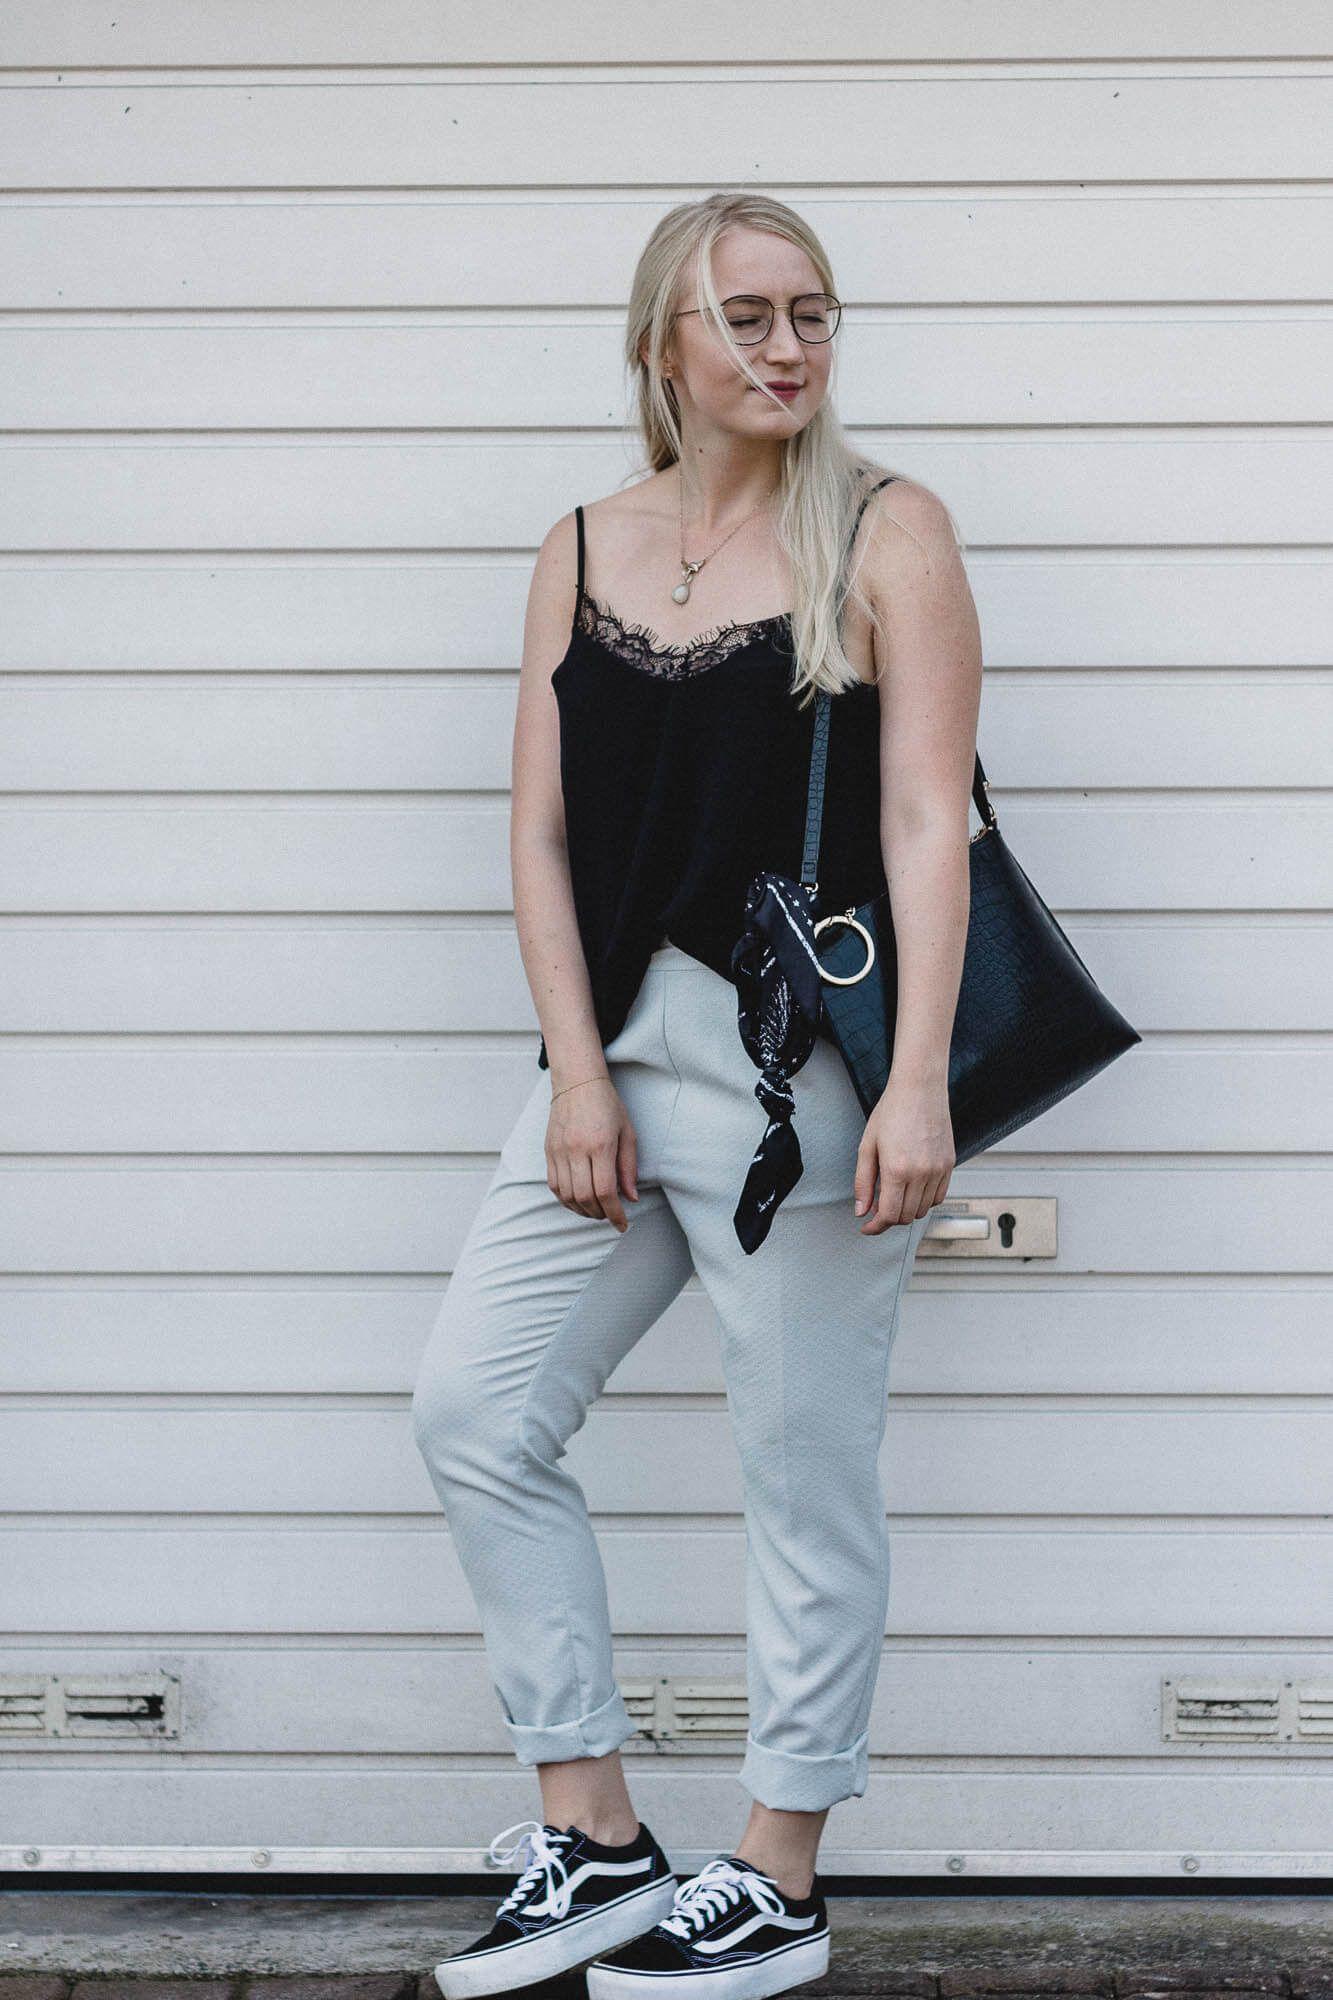 25 EIN VIERTELJAHRHUNDERT | Outfit, Modestil, Mode